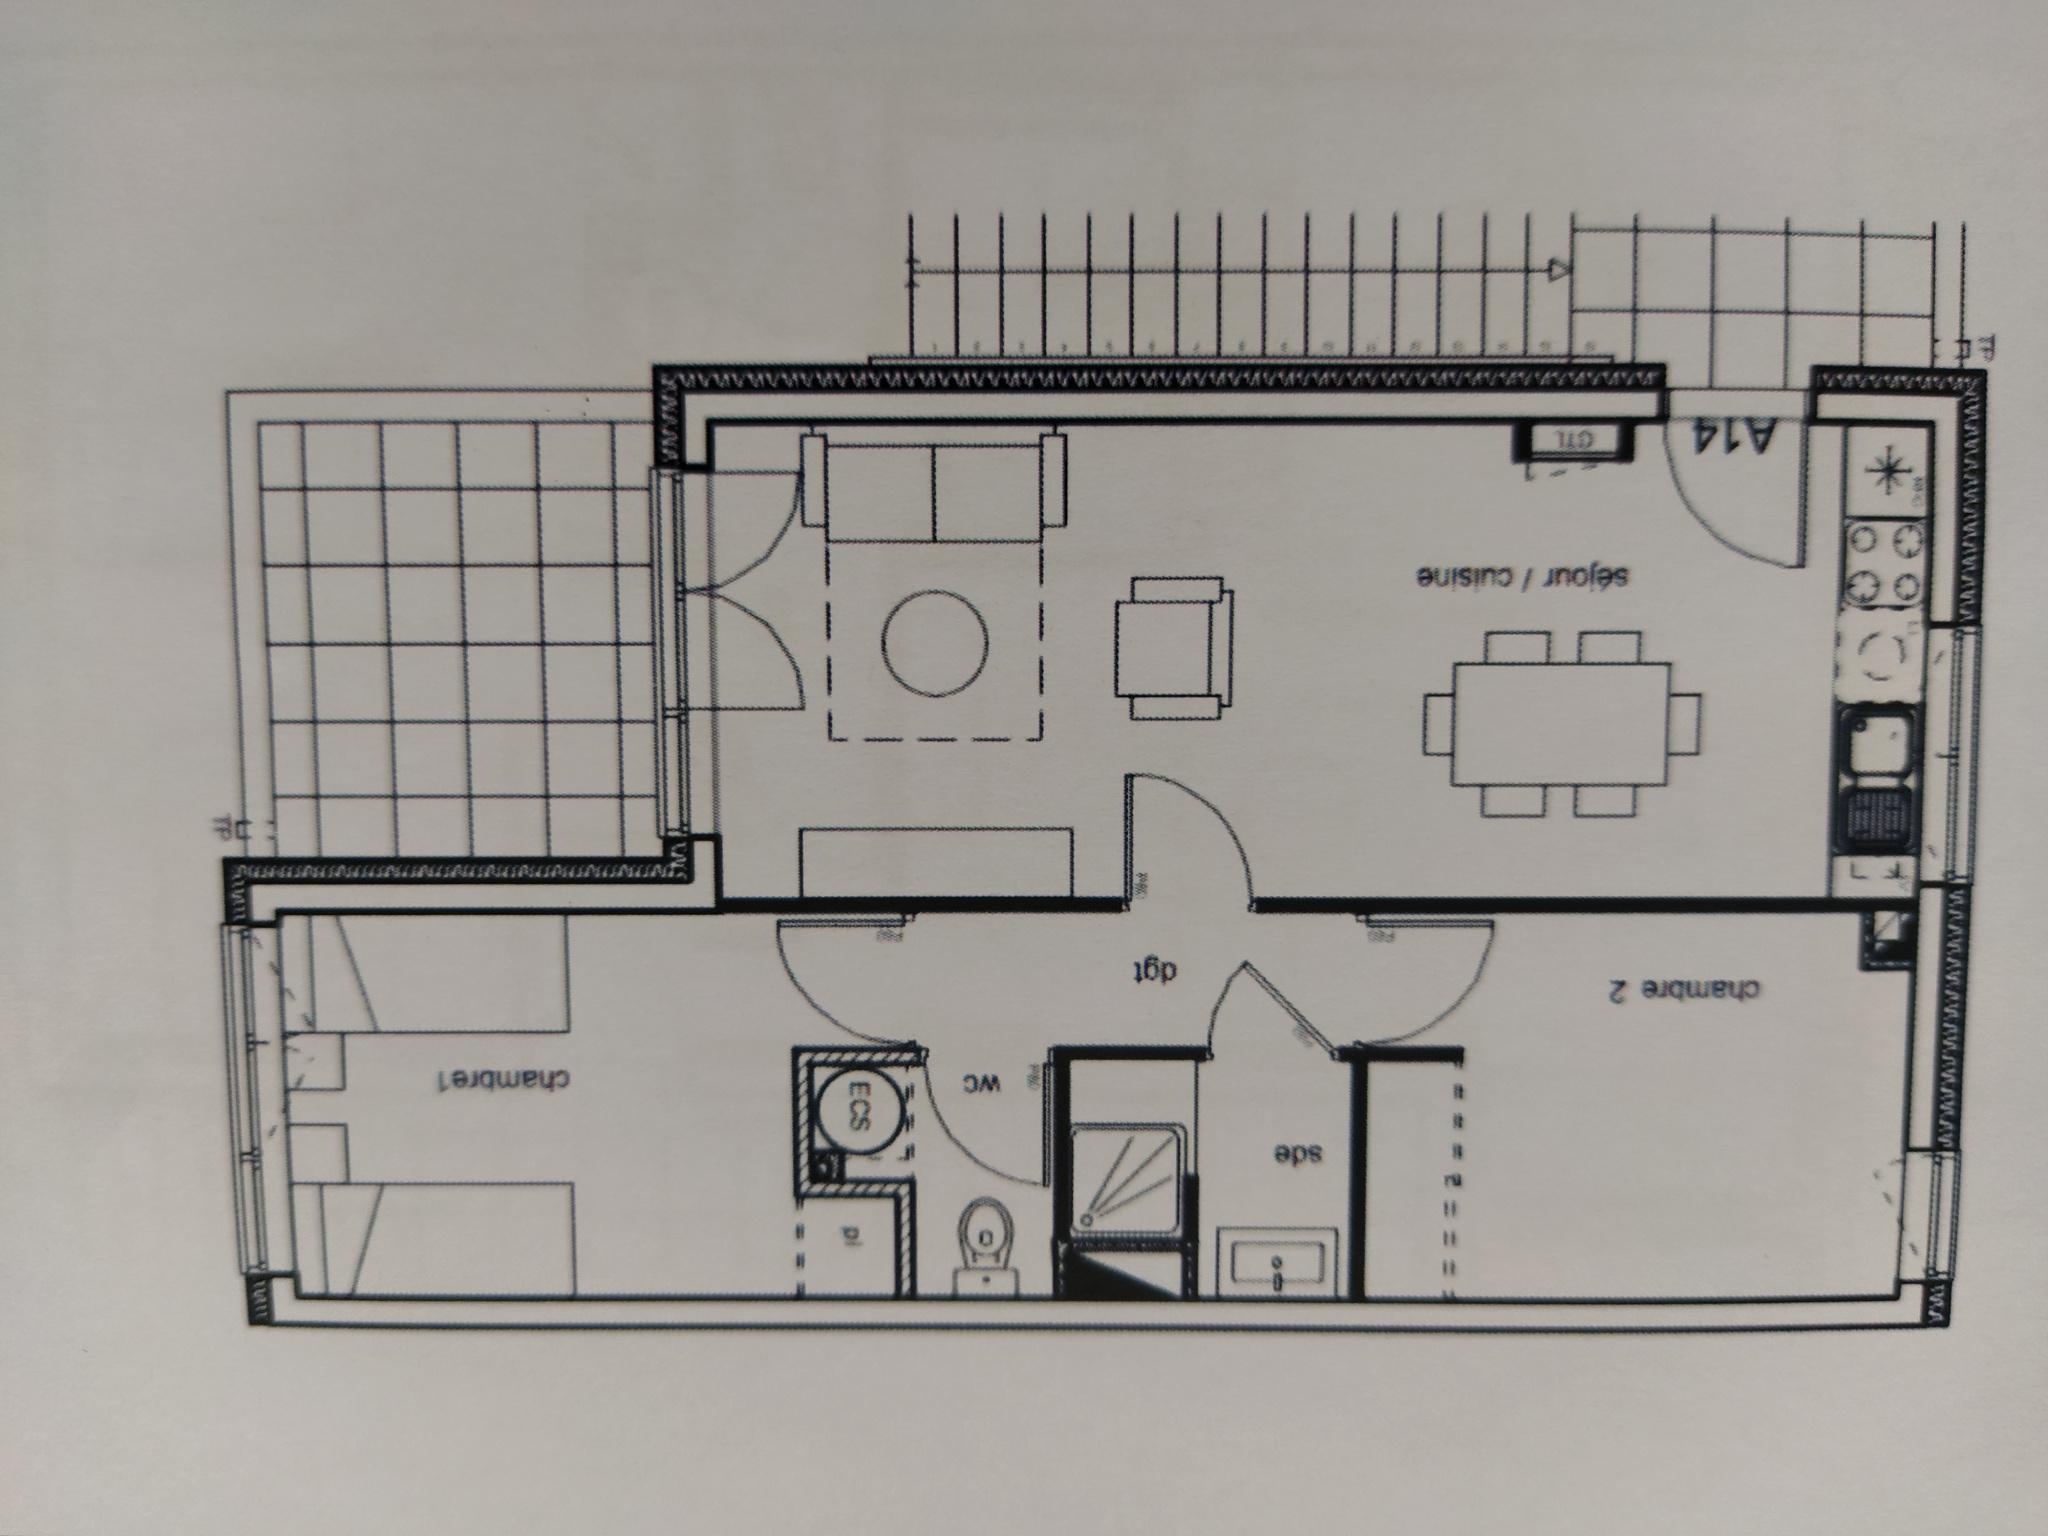 À vendre appartement de 51.6m2 à argeles sur mer (66700) - Photo 5'